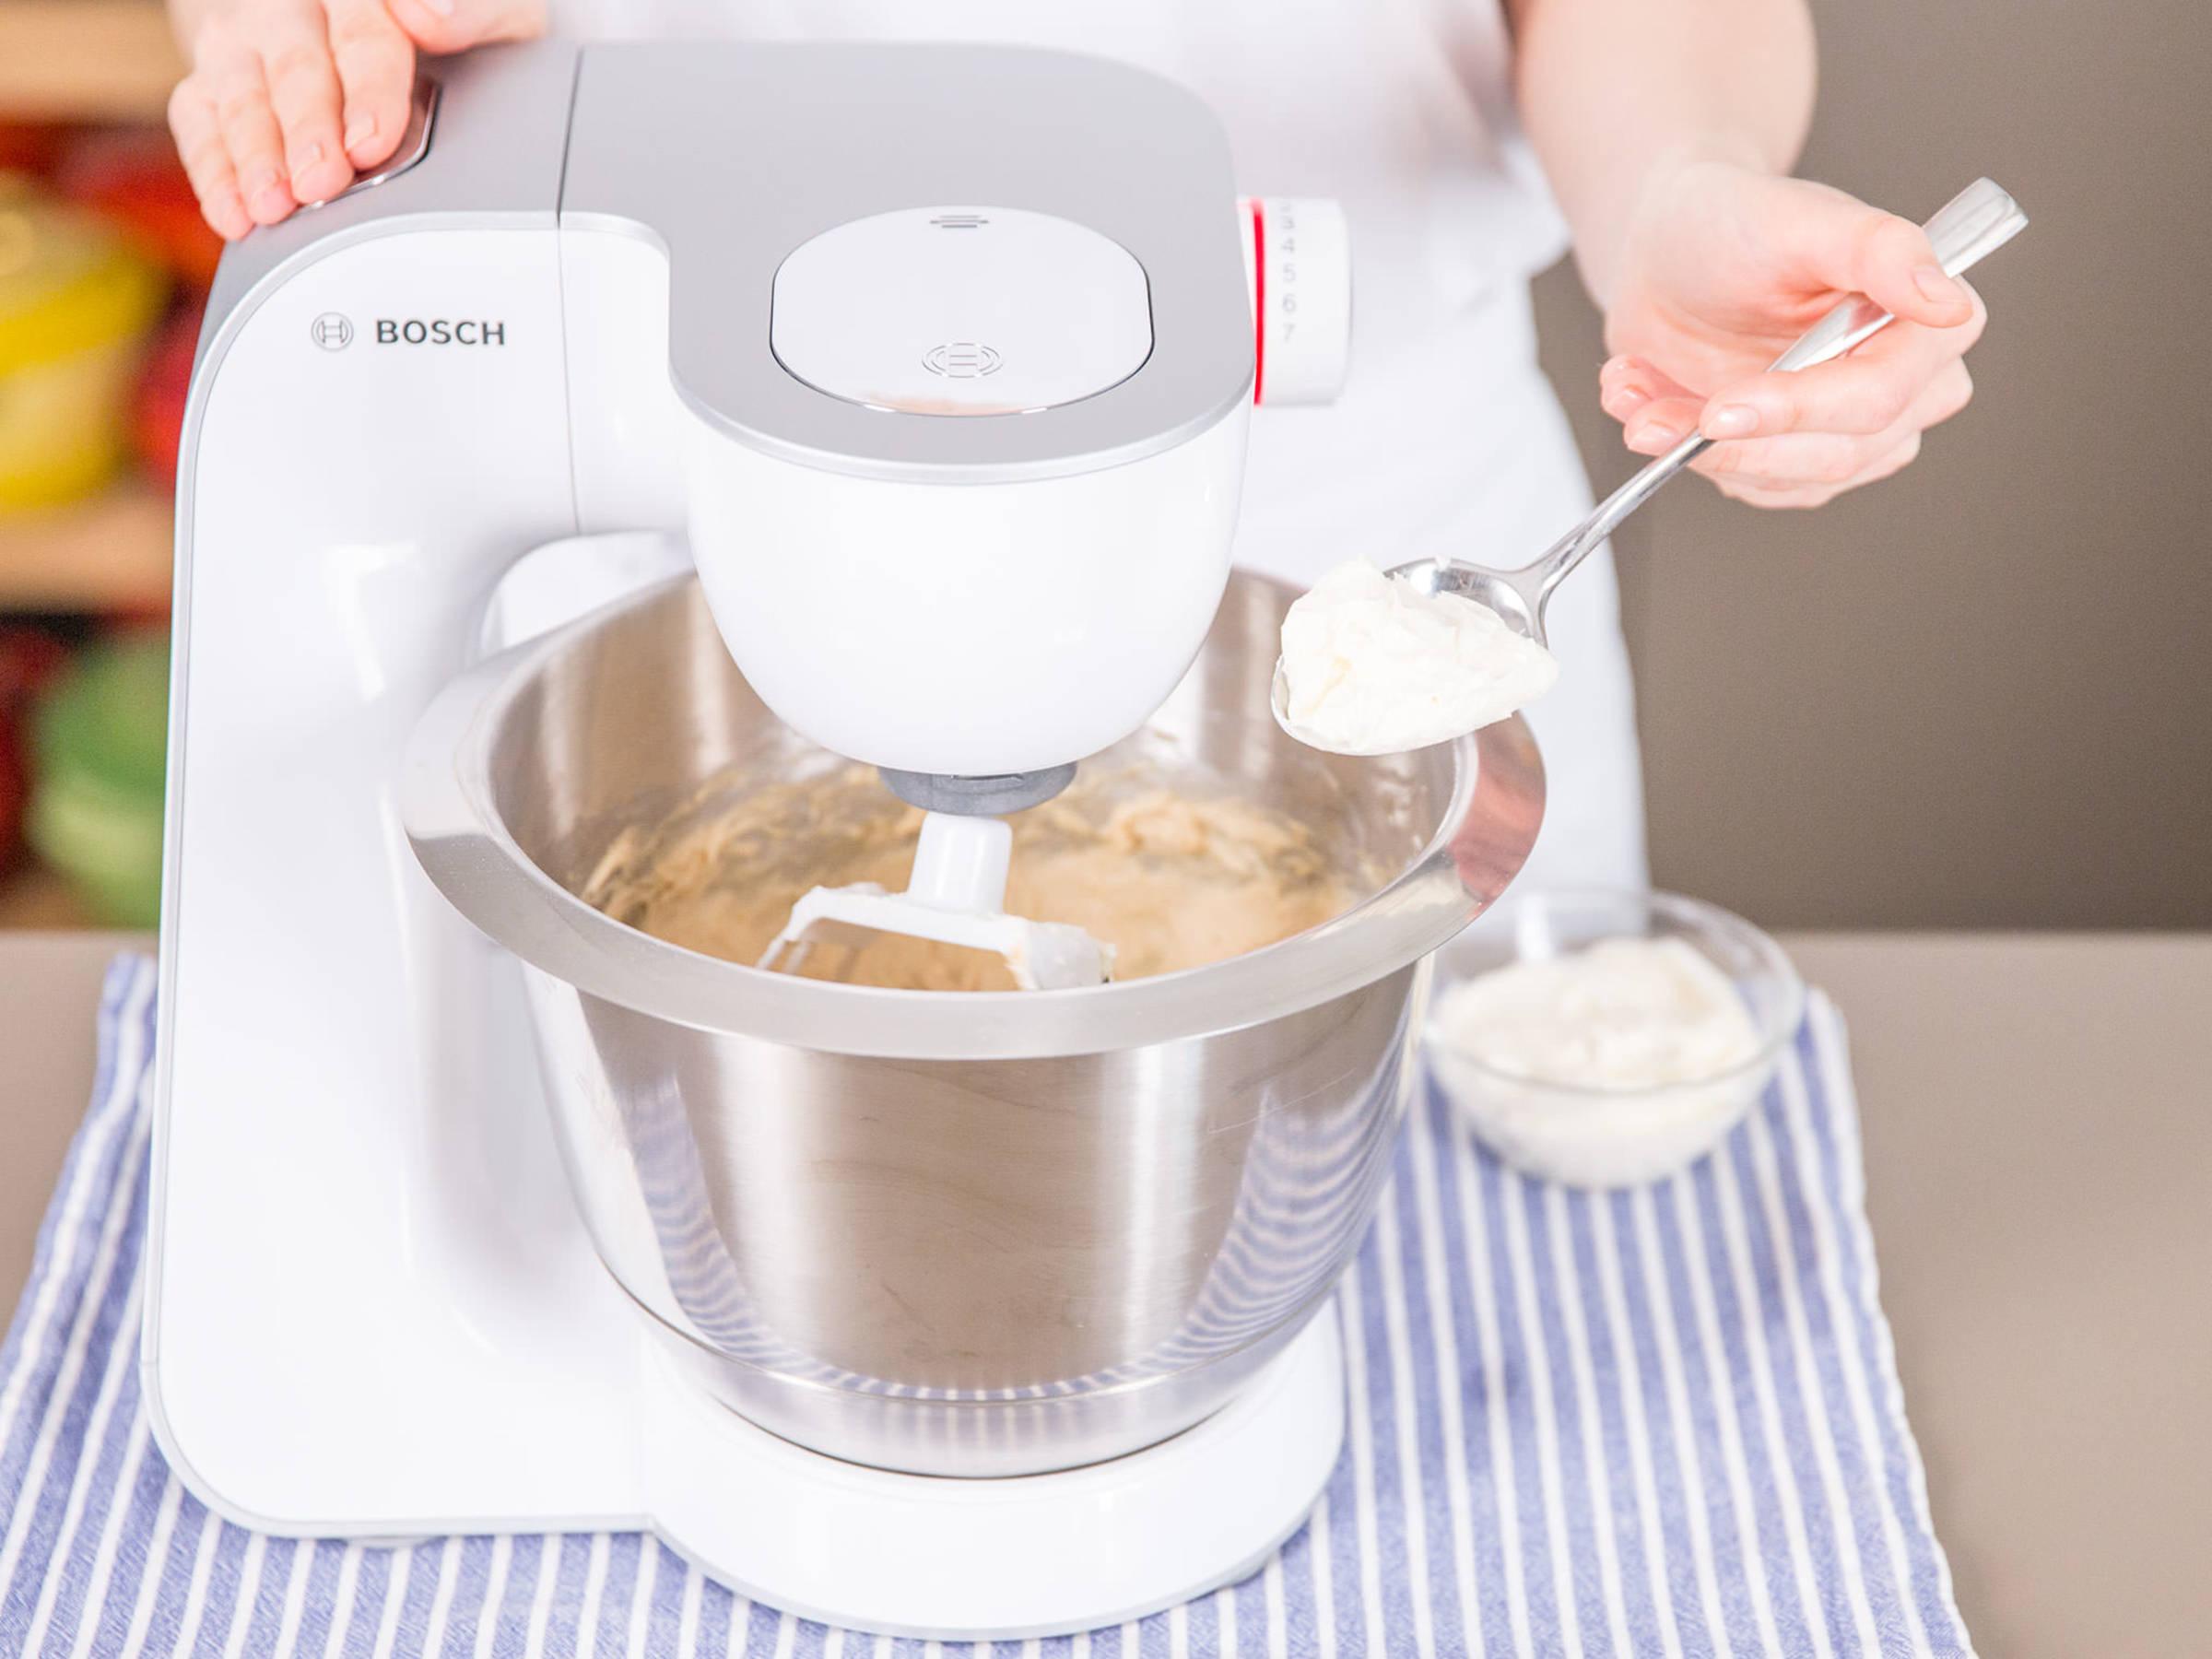 Gest rzter pflaumen thymian kuchen rezepte kitchen stories - Eier kochen ohne anstechen ...